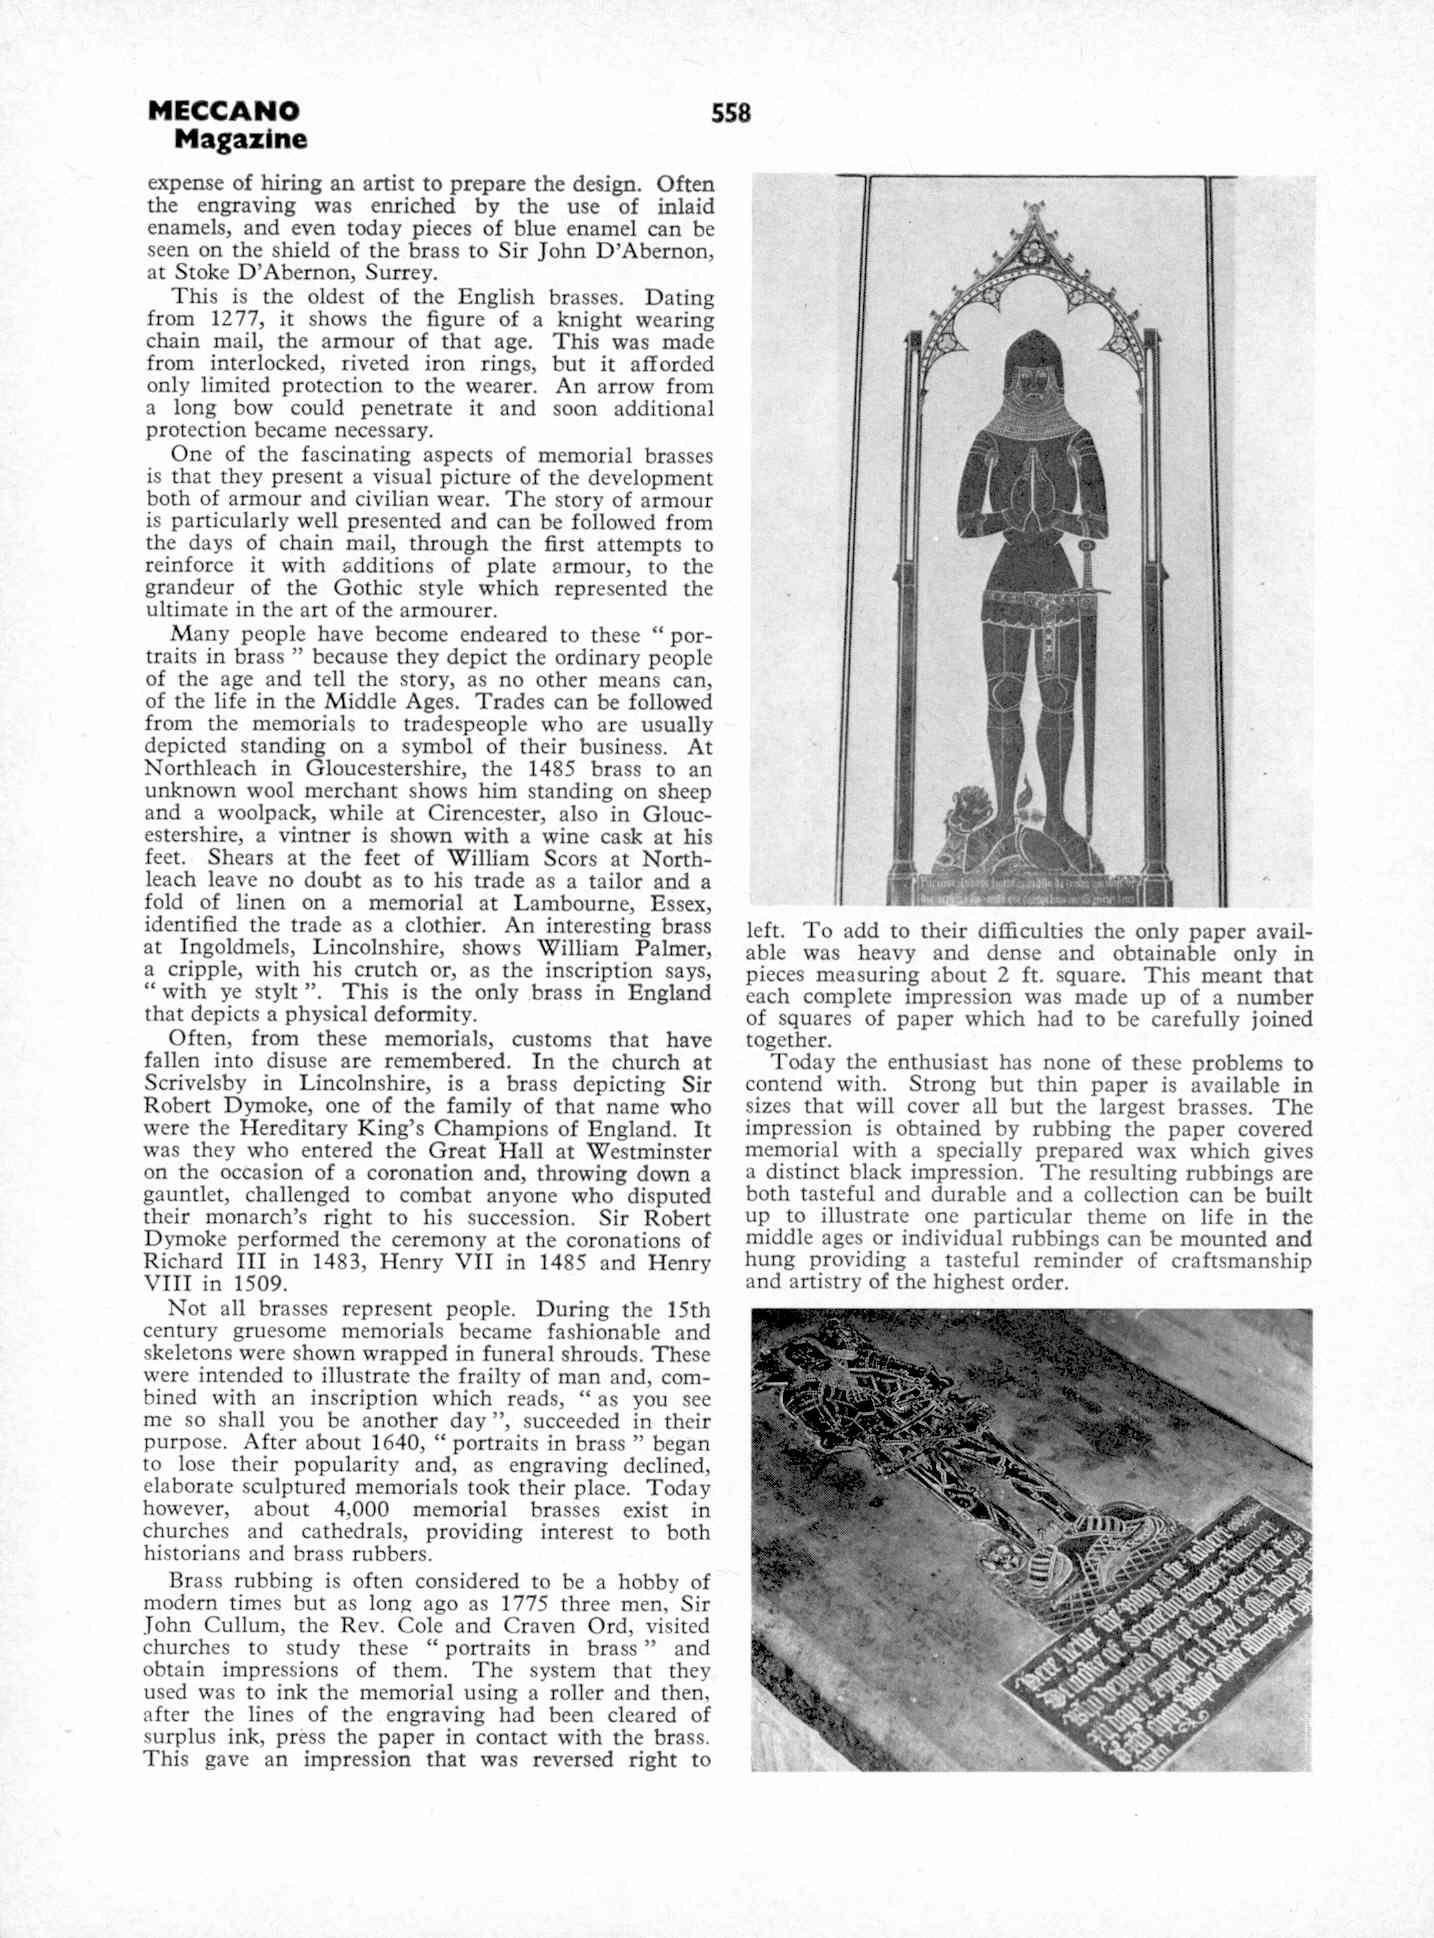 UK Meccano Magazine October 1970 Page 558